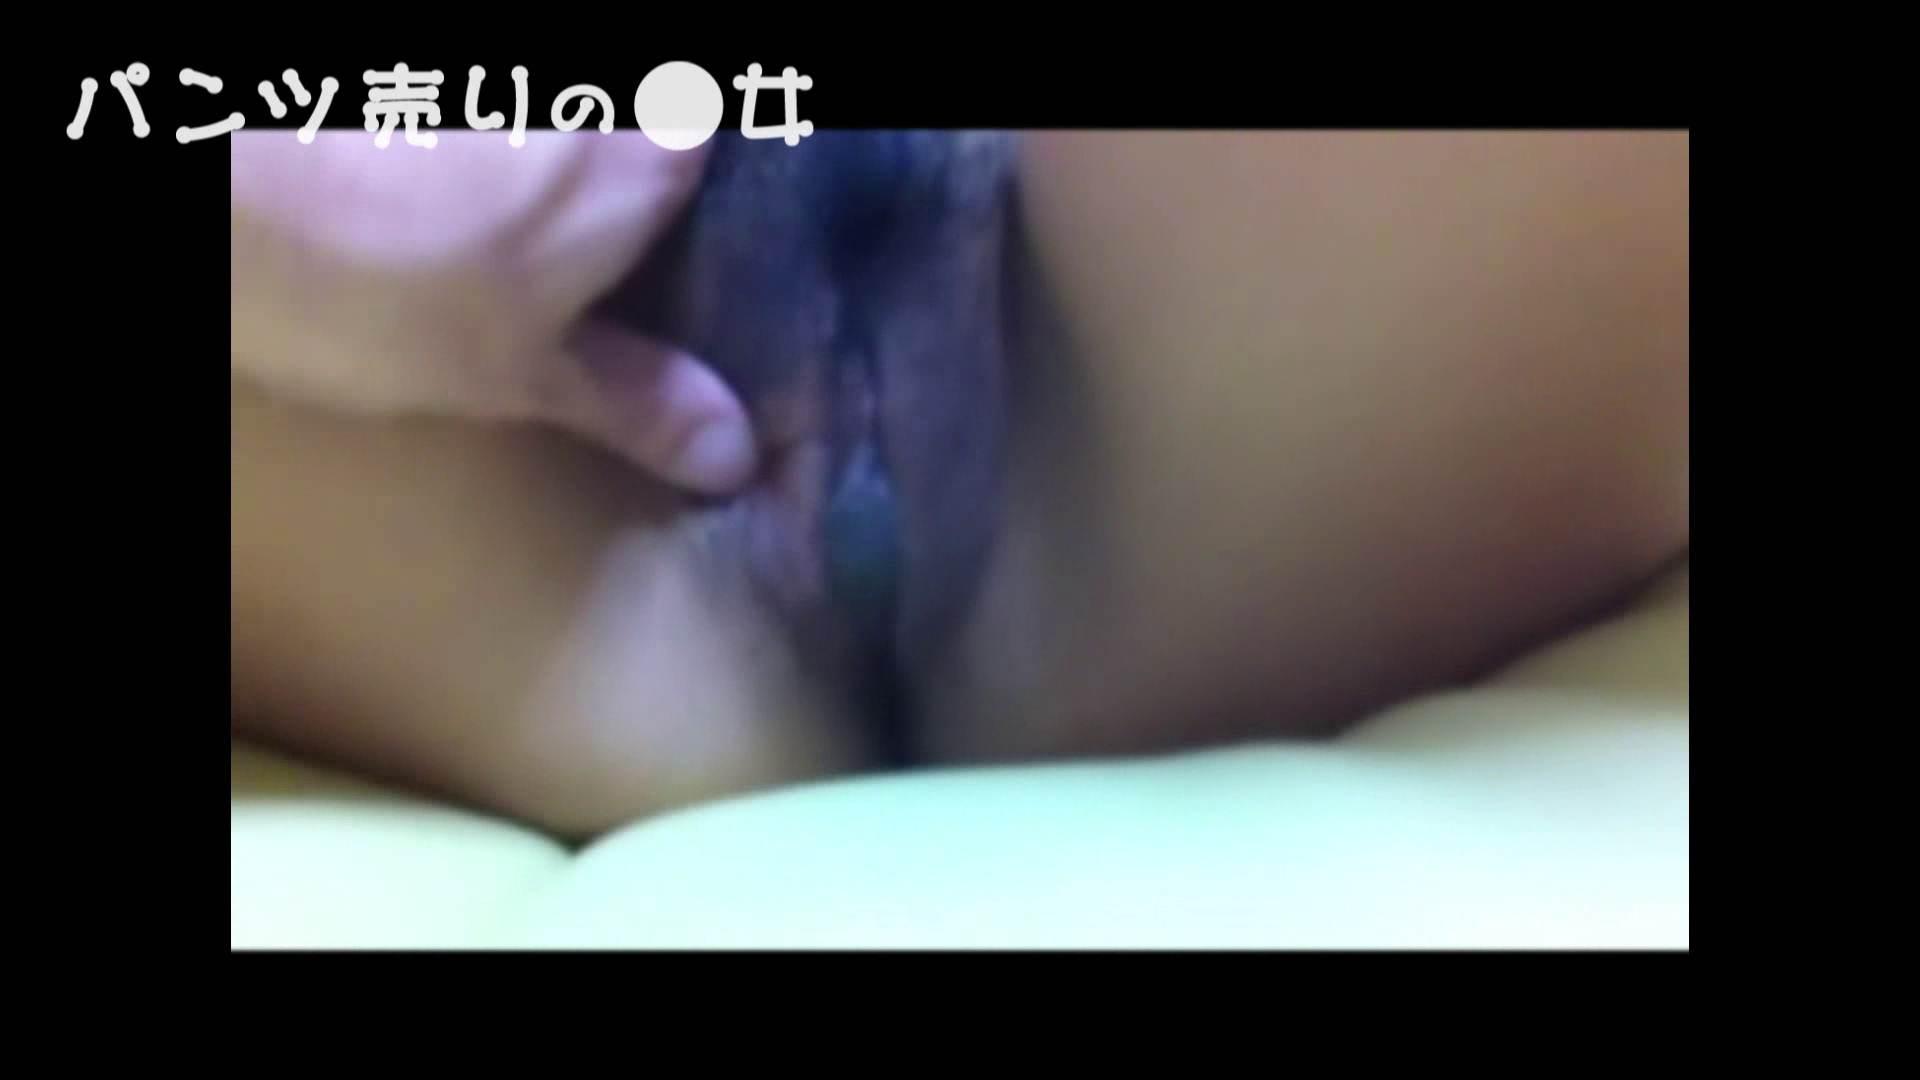 新説 パンツ売りの女の子nana05 一般投稿 ワレメ動画紹介 108枚 14